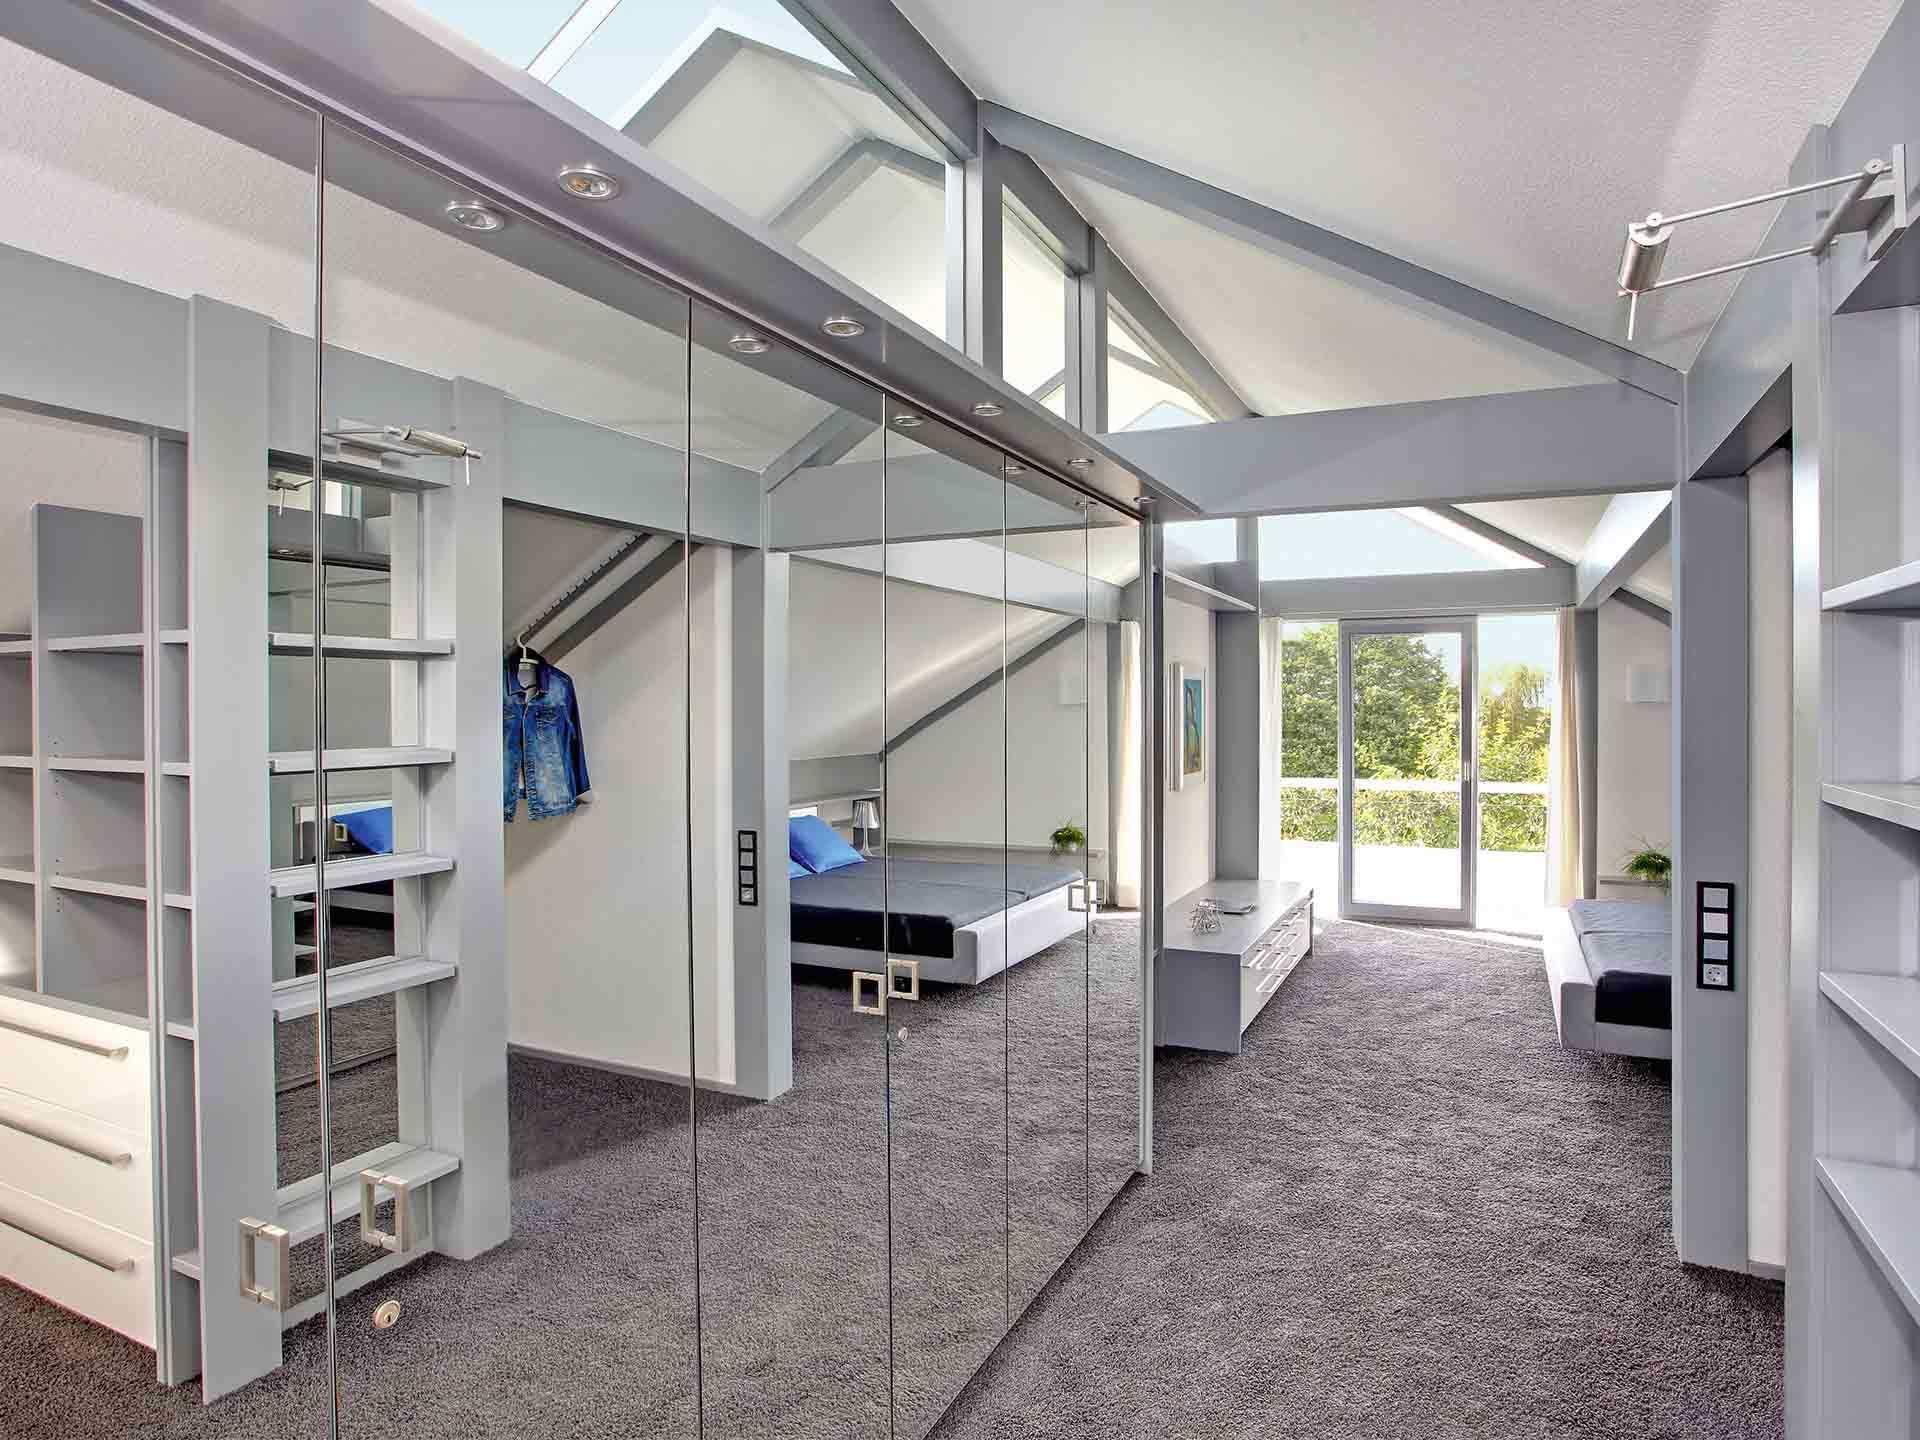 Davinci Haus Mh Gebhardshain 3 Ankleide Zimmer Ankleidezimmer Und Raumaufteilung